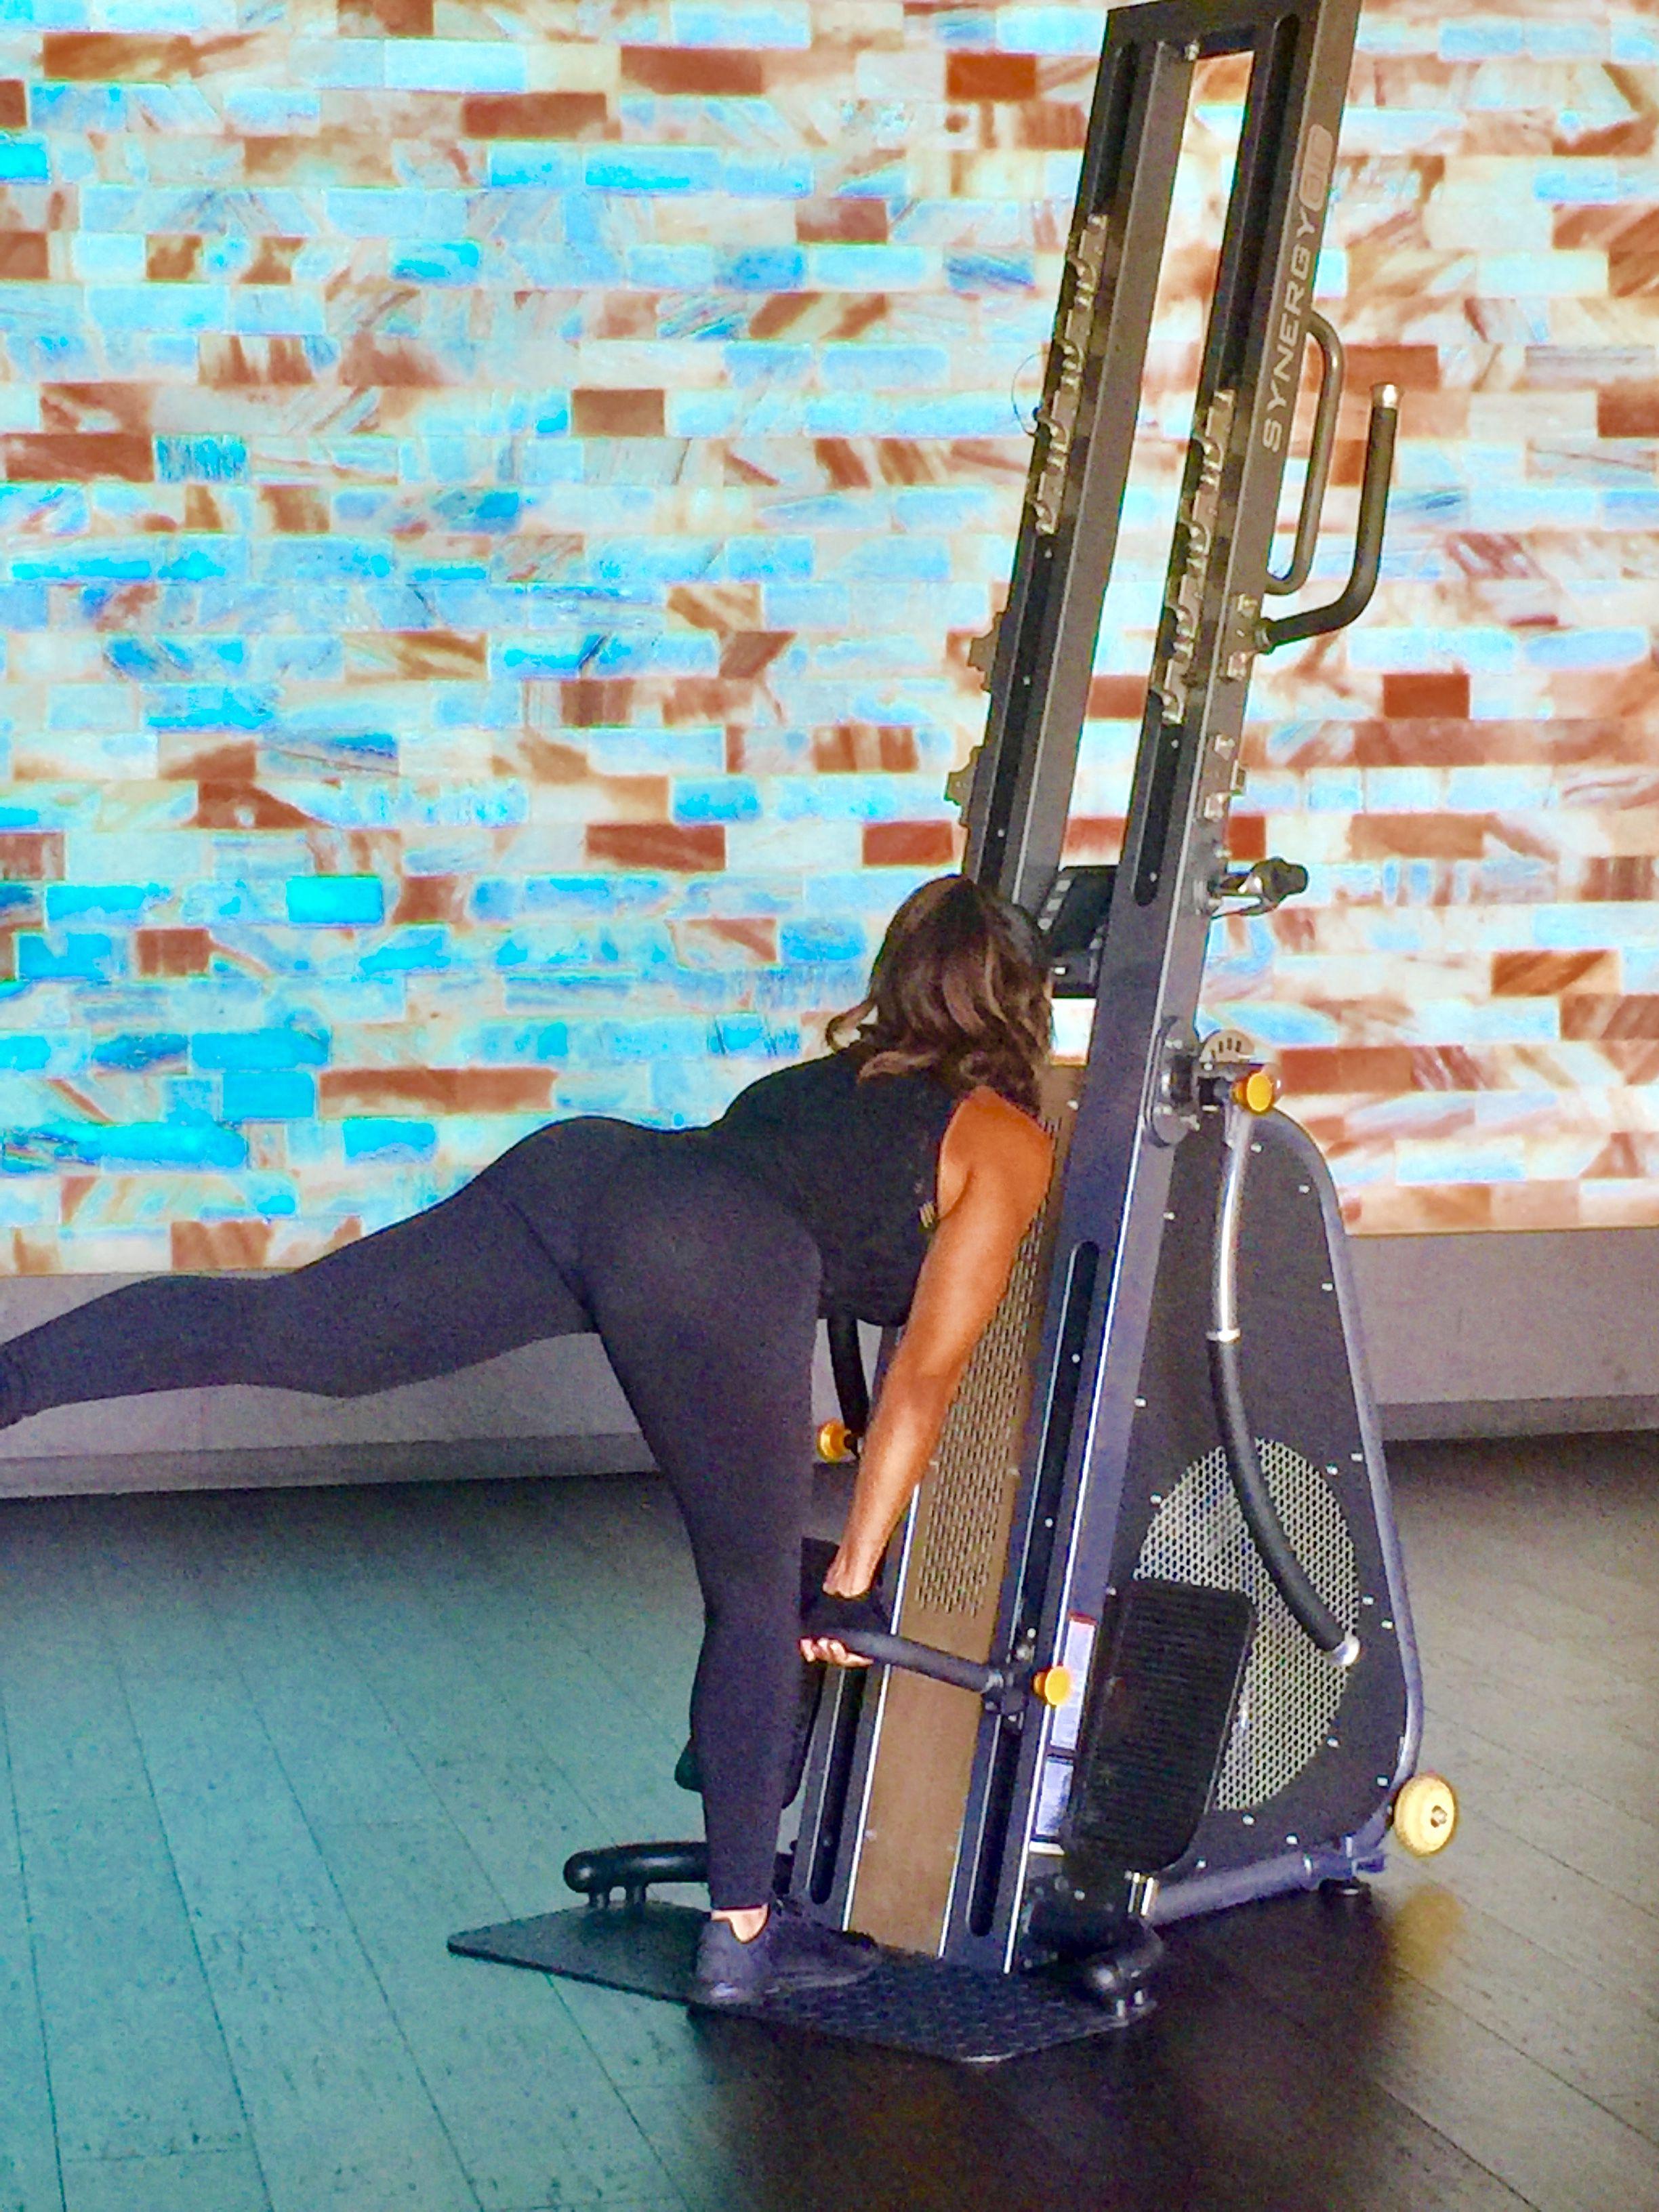 Summit Power Tower Best Workout Machine Biking Workout Fitness Boutique